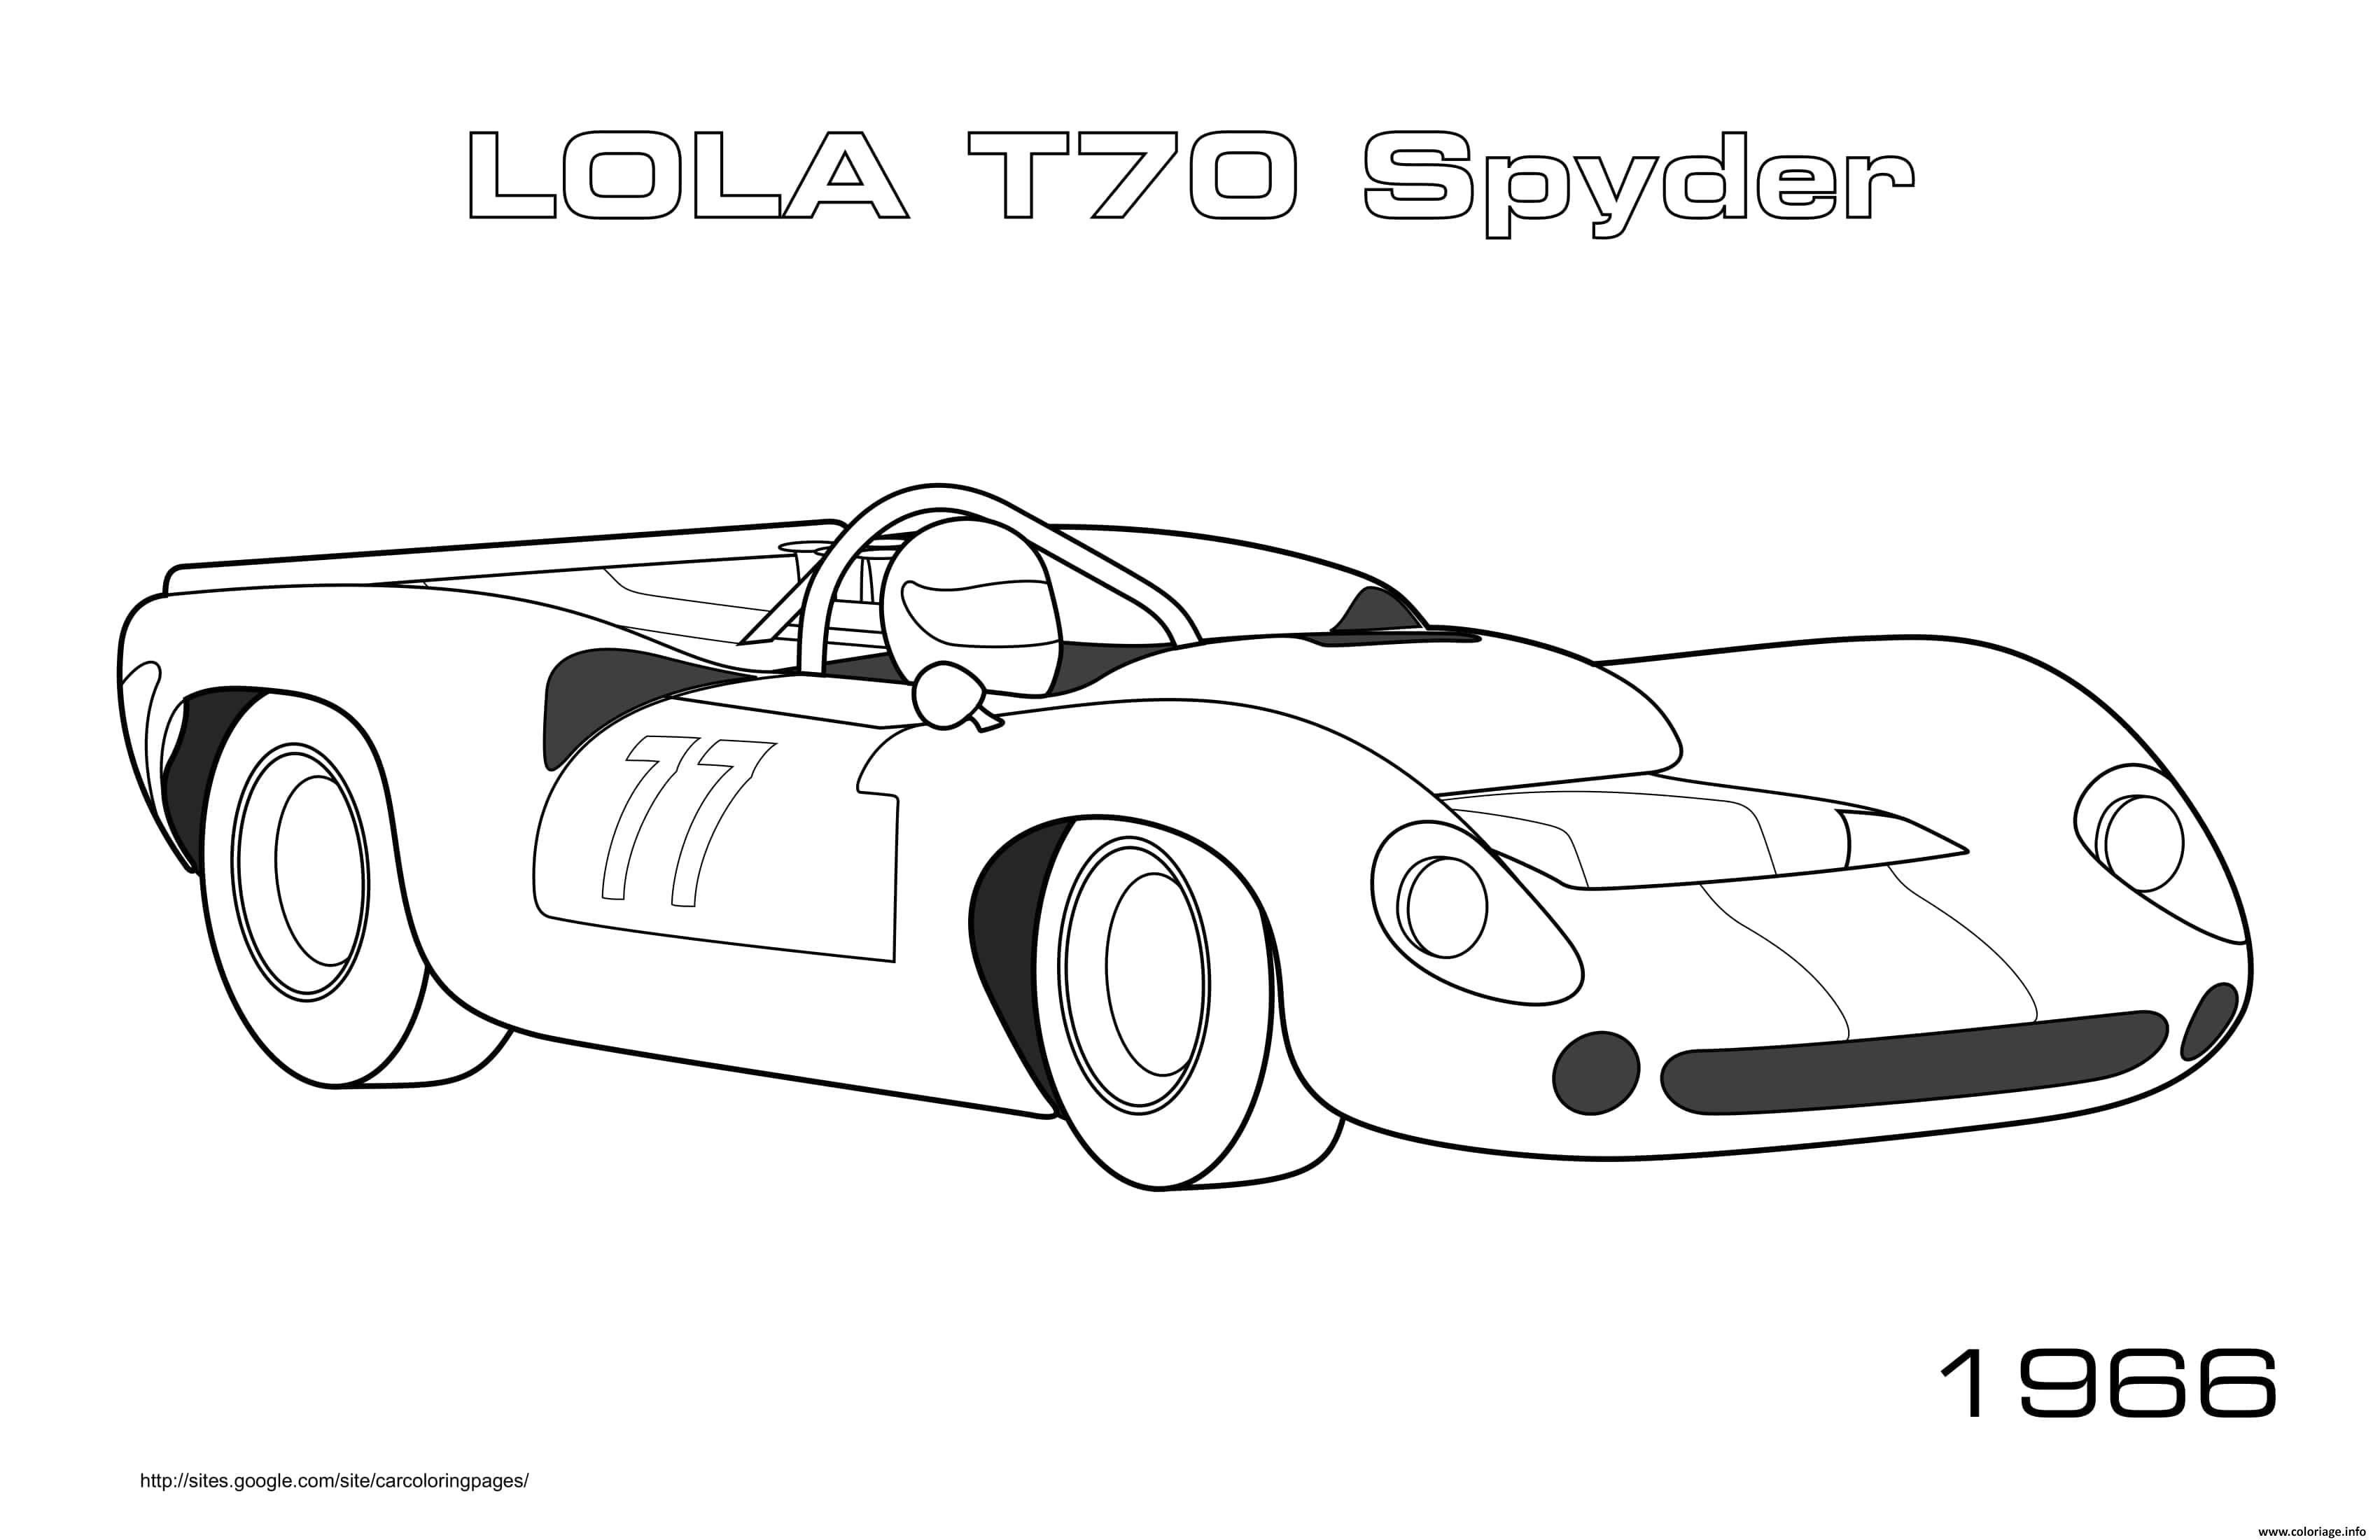 Dessin Lola T70 Spyder 1966 Coloriage Gratuit à Imprimer